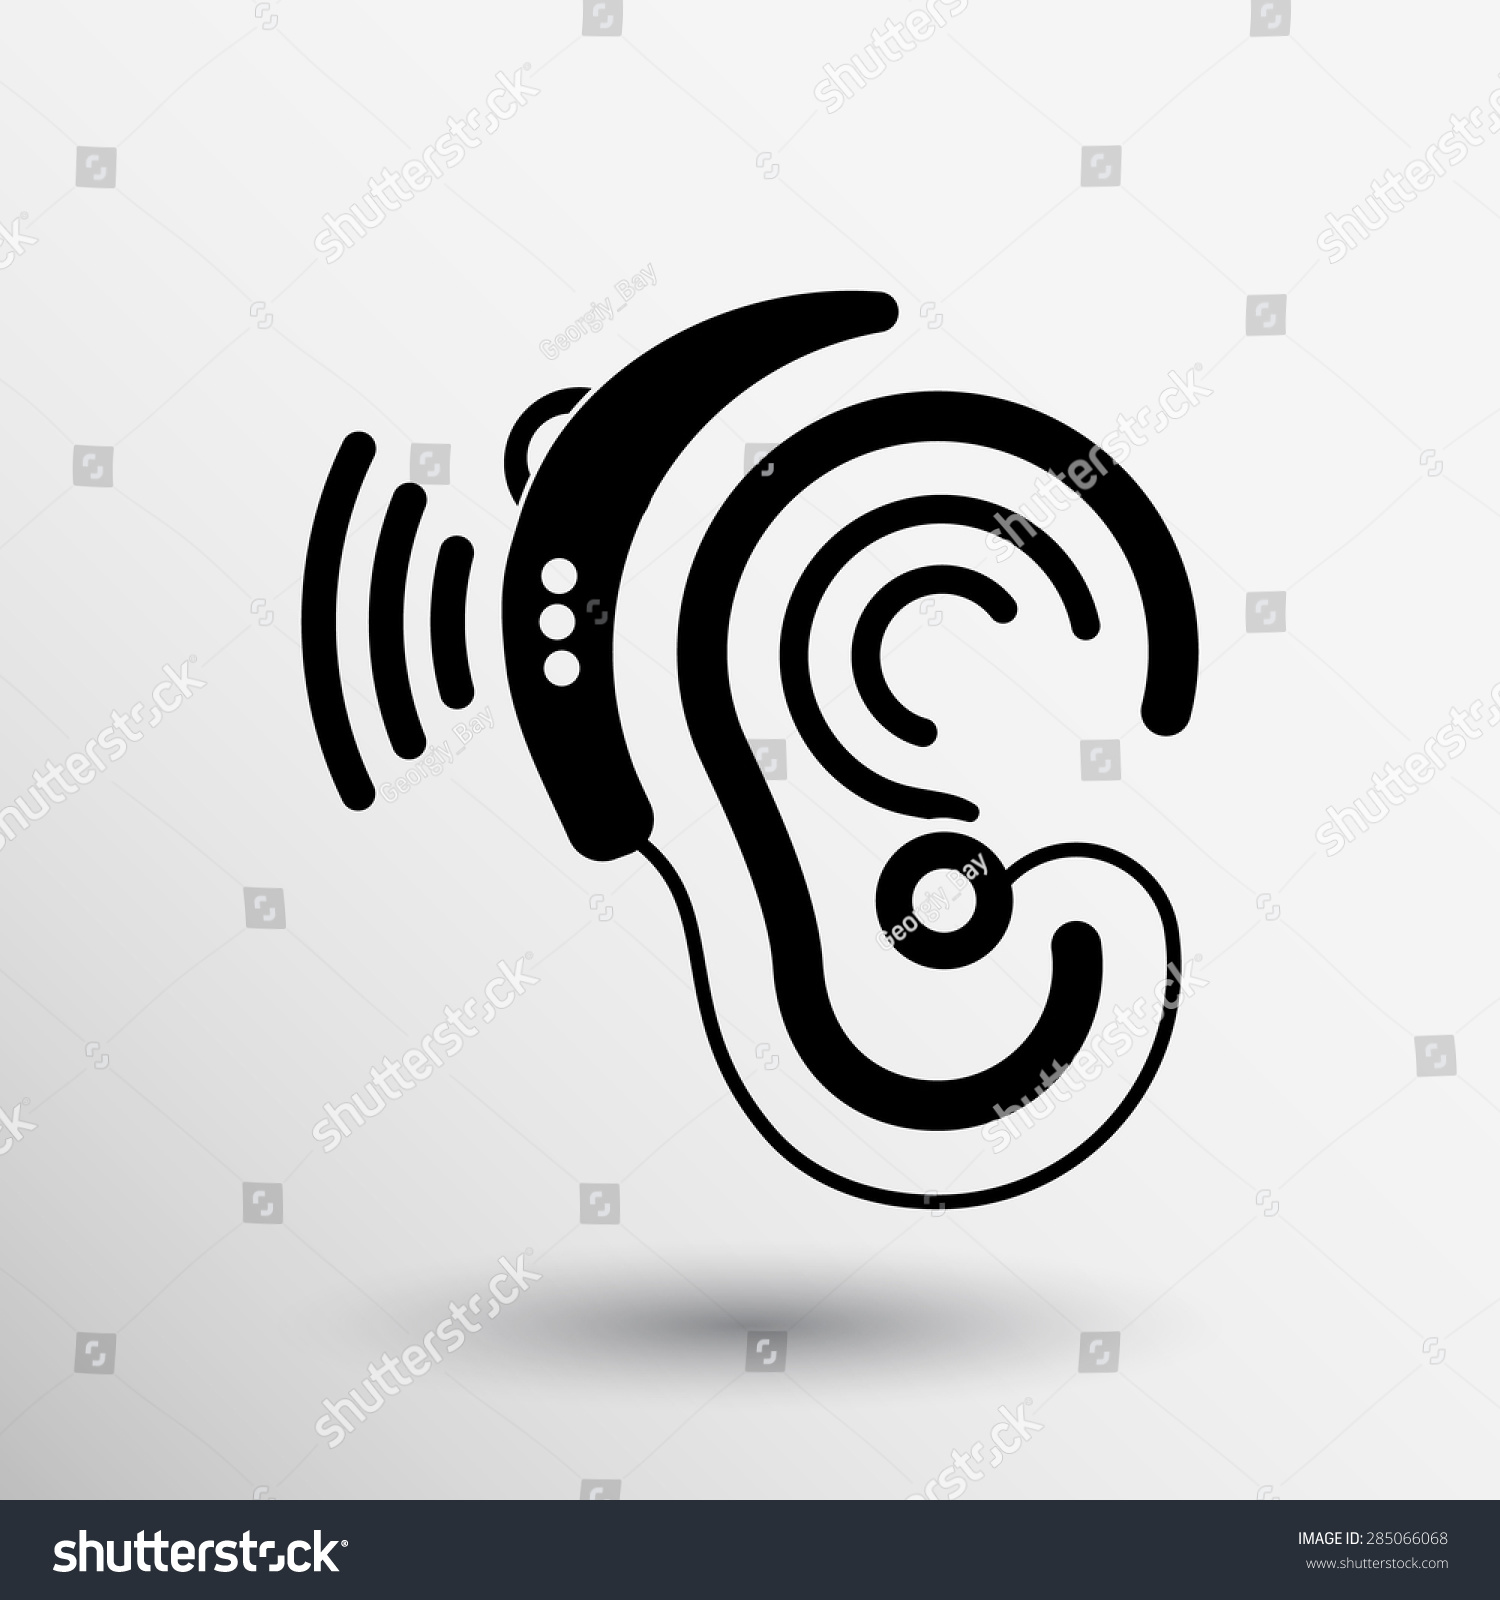 耳朵矢量图标助听器耳朵听声音图形.-医疗保健,符号